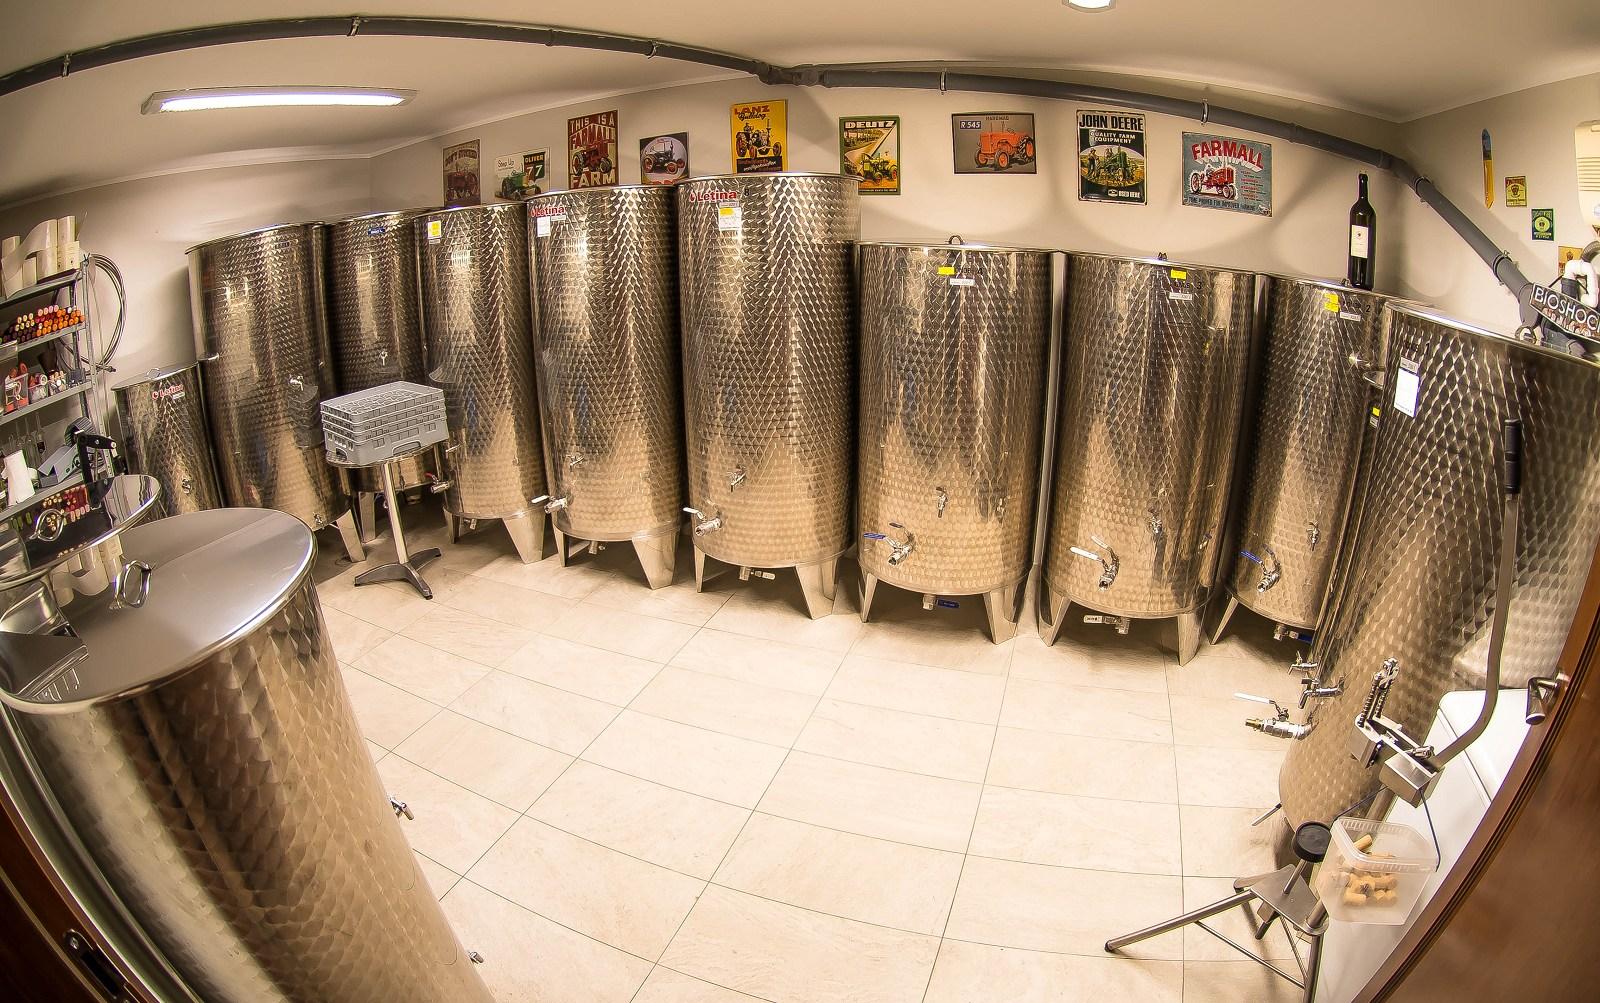 przetwórnia, wina, winnica, winifikacja, winogrona, wino